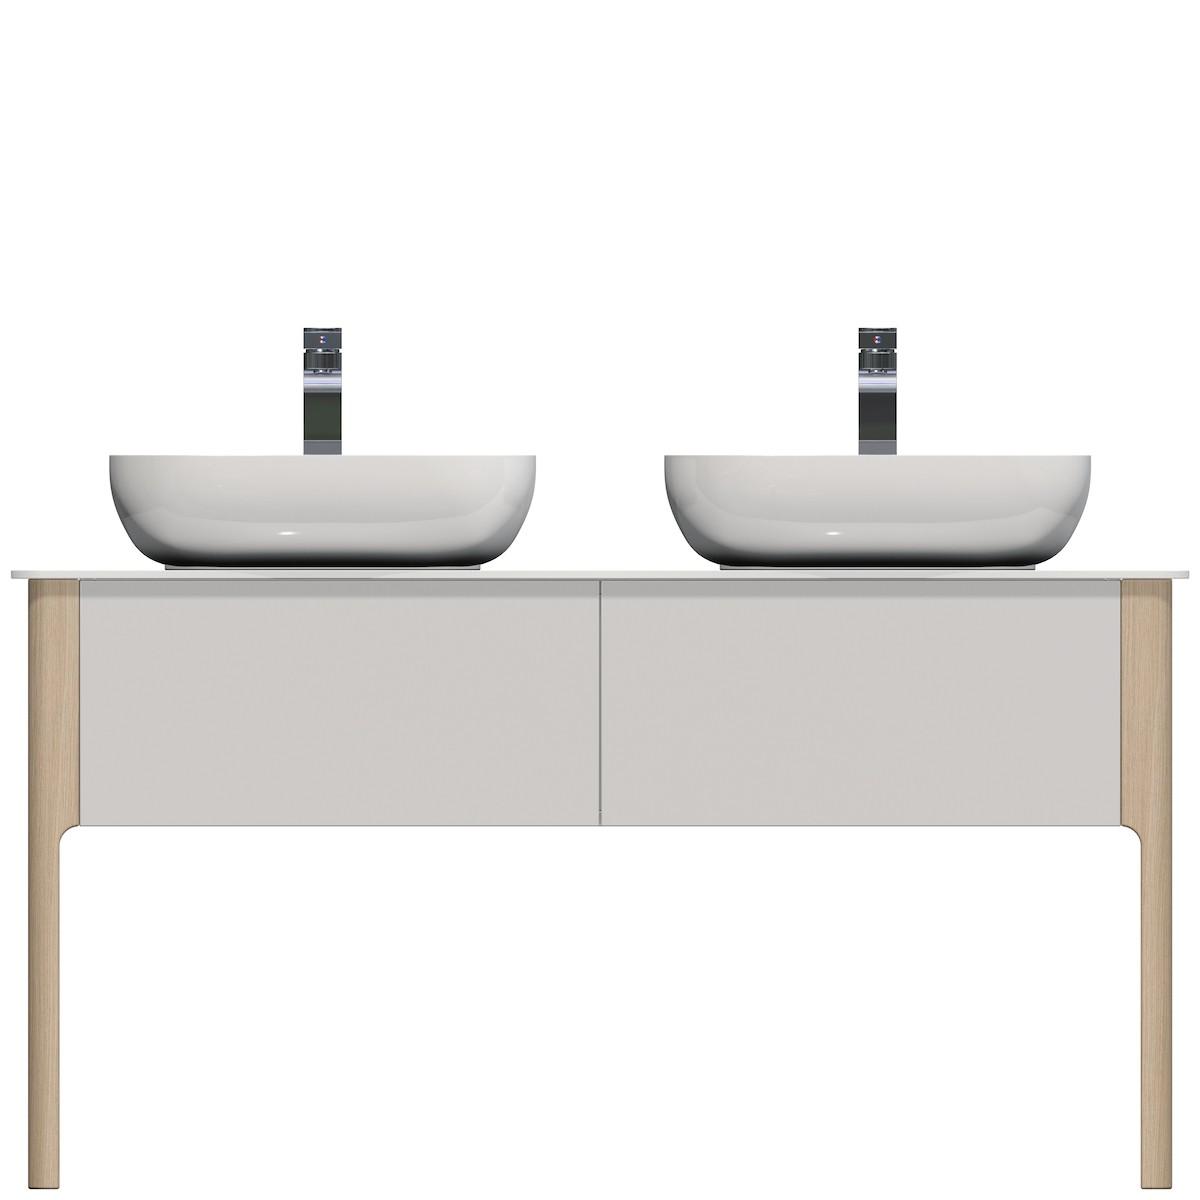 Kúpeľňová skrinka pod umývadlo Naturel Skandinavia 138x55 cm biela SCAN138D.2Z.9016G